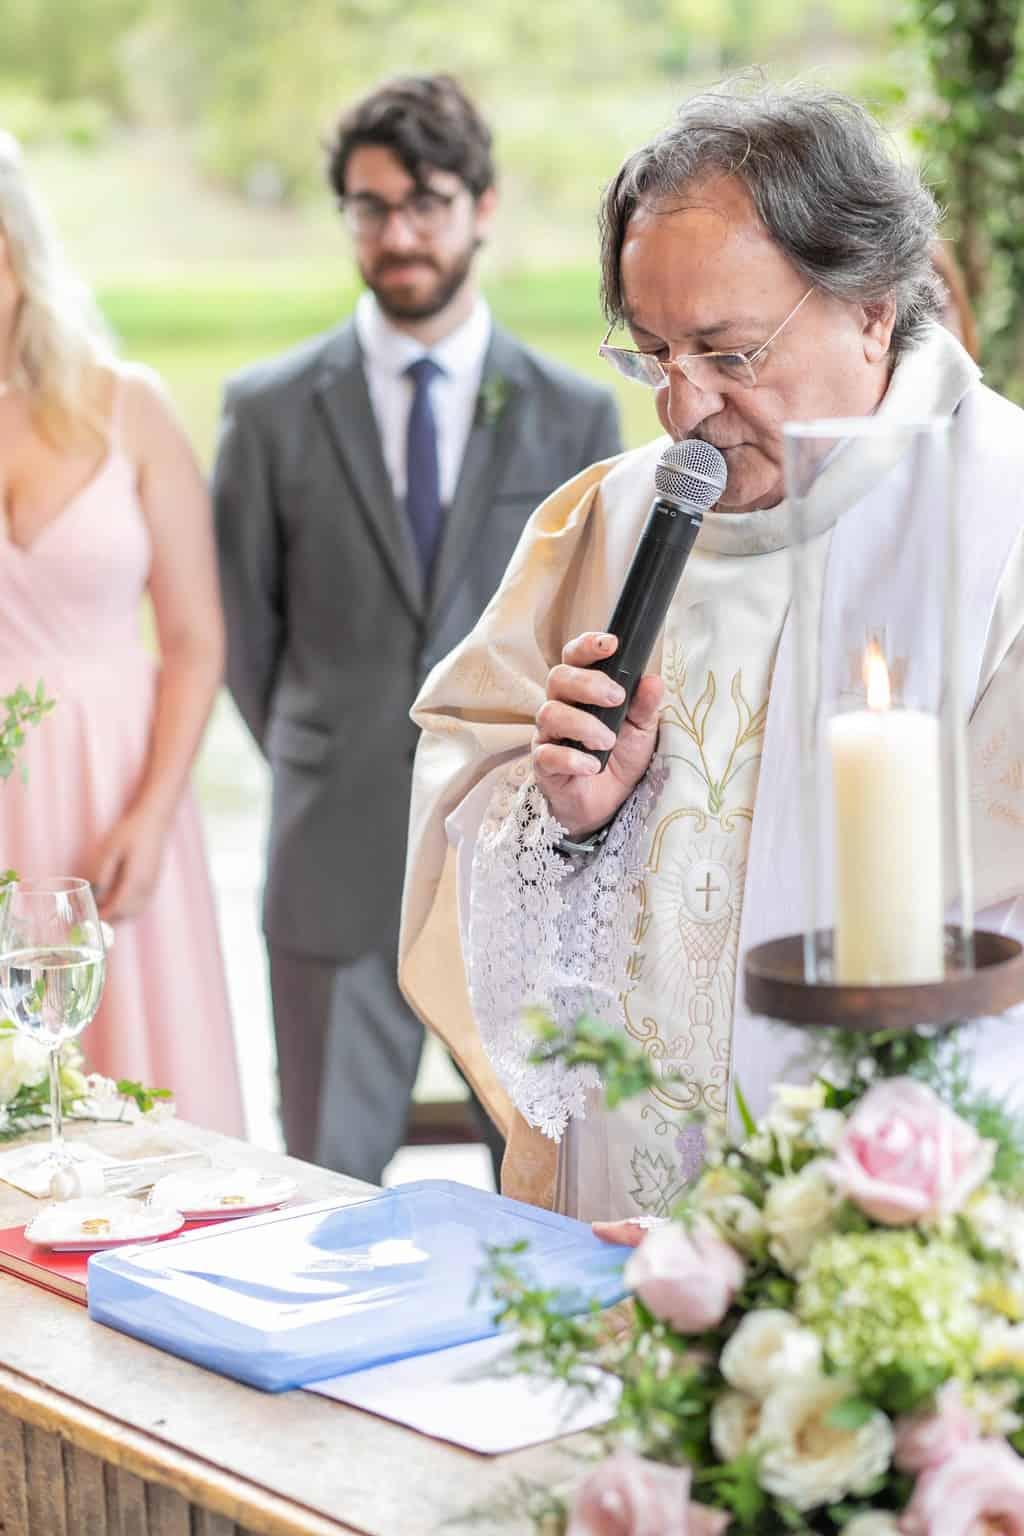 Casamento-Milene-e-Leonardo-cerimonia-ao-ar-livre-decoracao-da-festa-Roberto-Tamer-terras-claras182